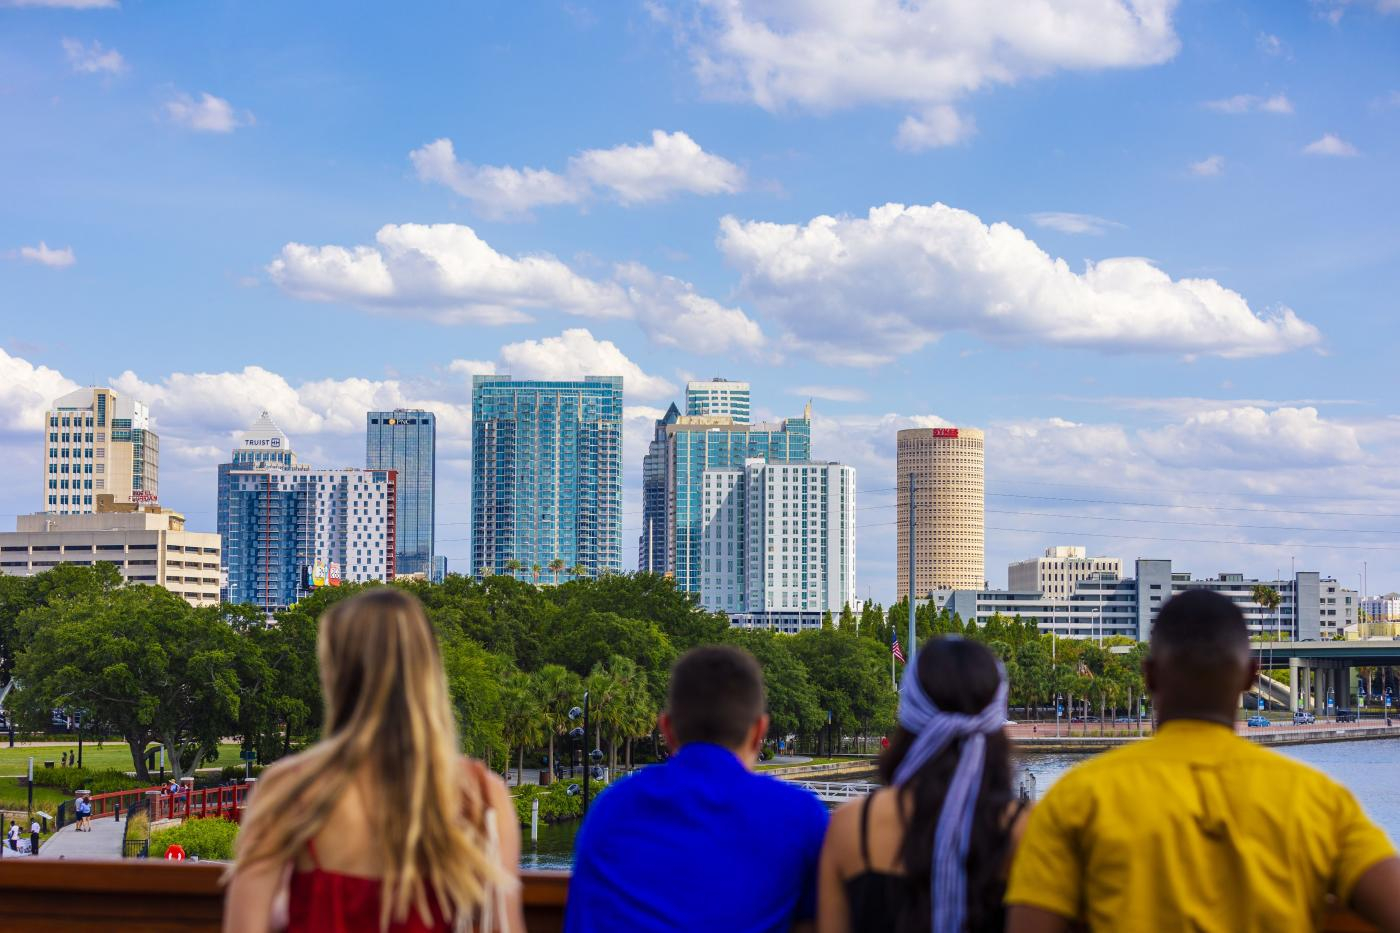 M.Bird Rooftop Bar Tampa